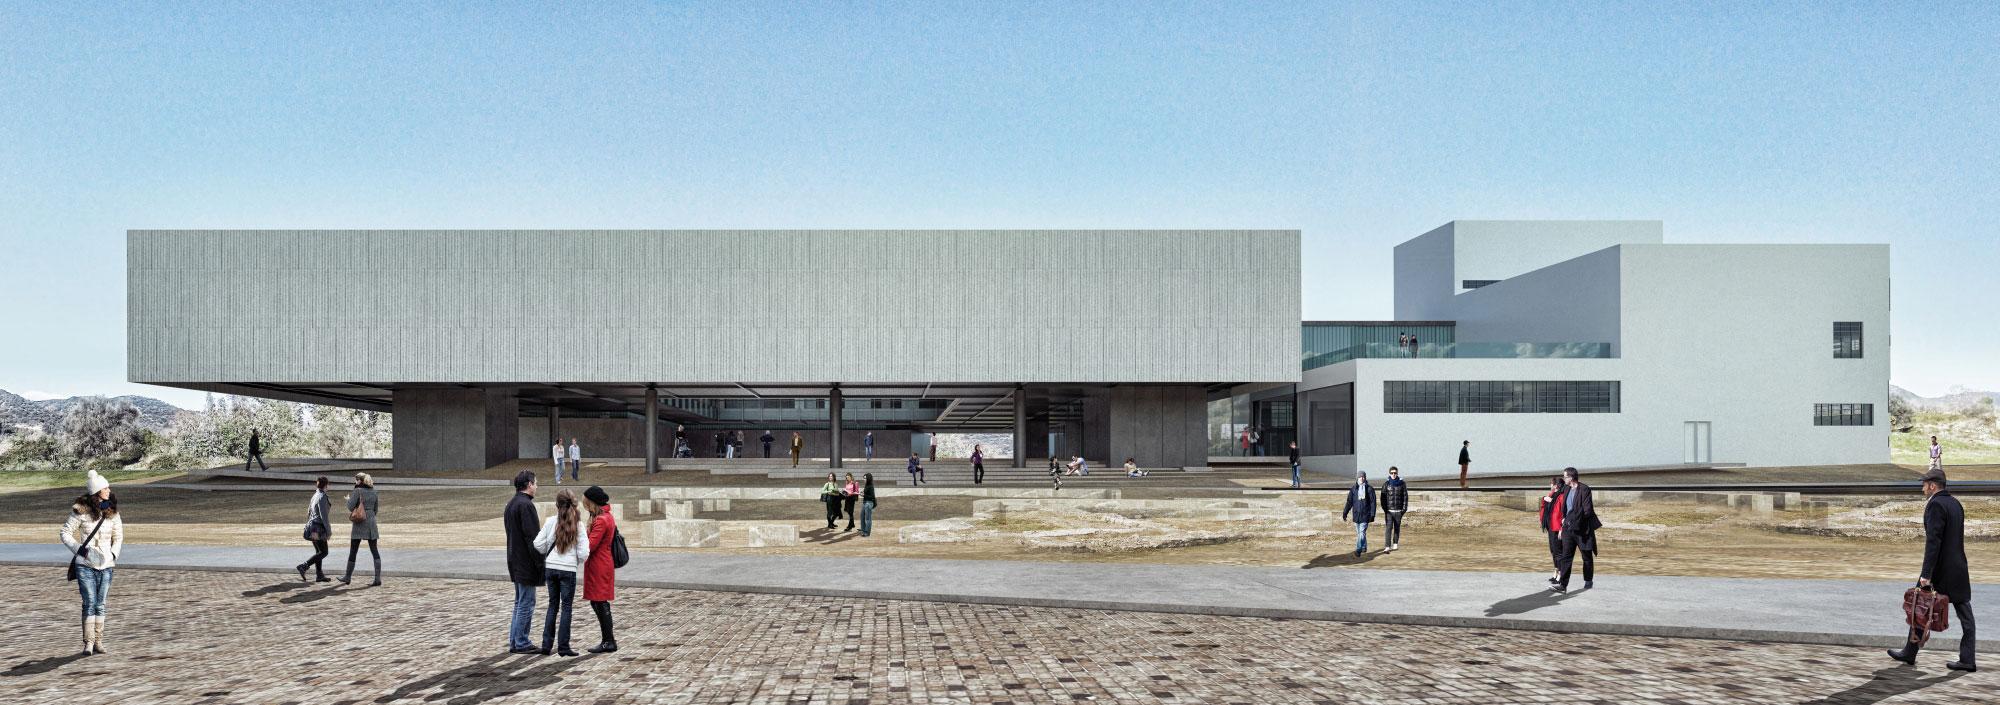 Νέο Αρχαιολογικό Μουσείο Σπάρτης. Πρώτο βραβείο